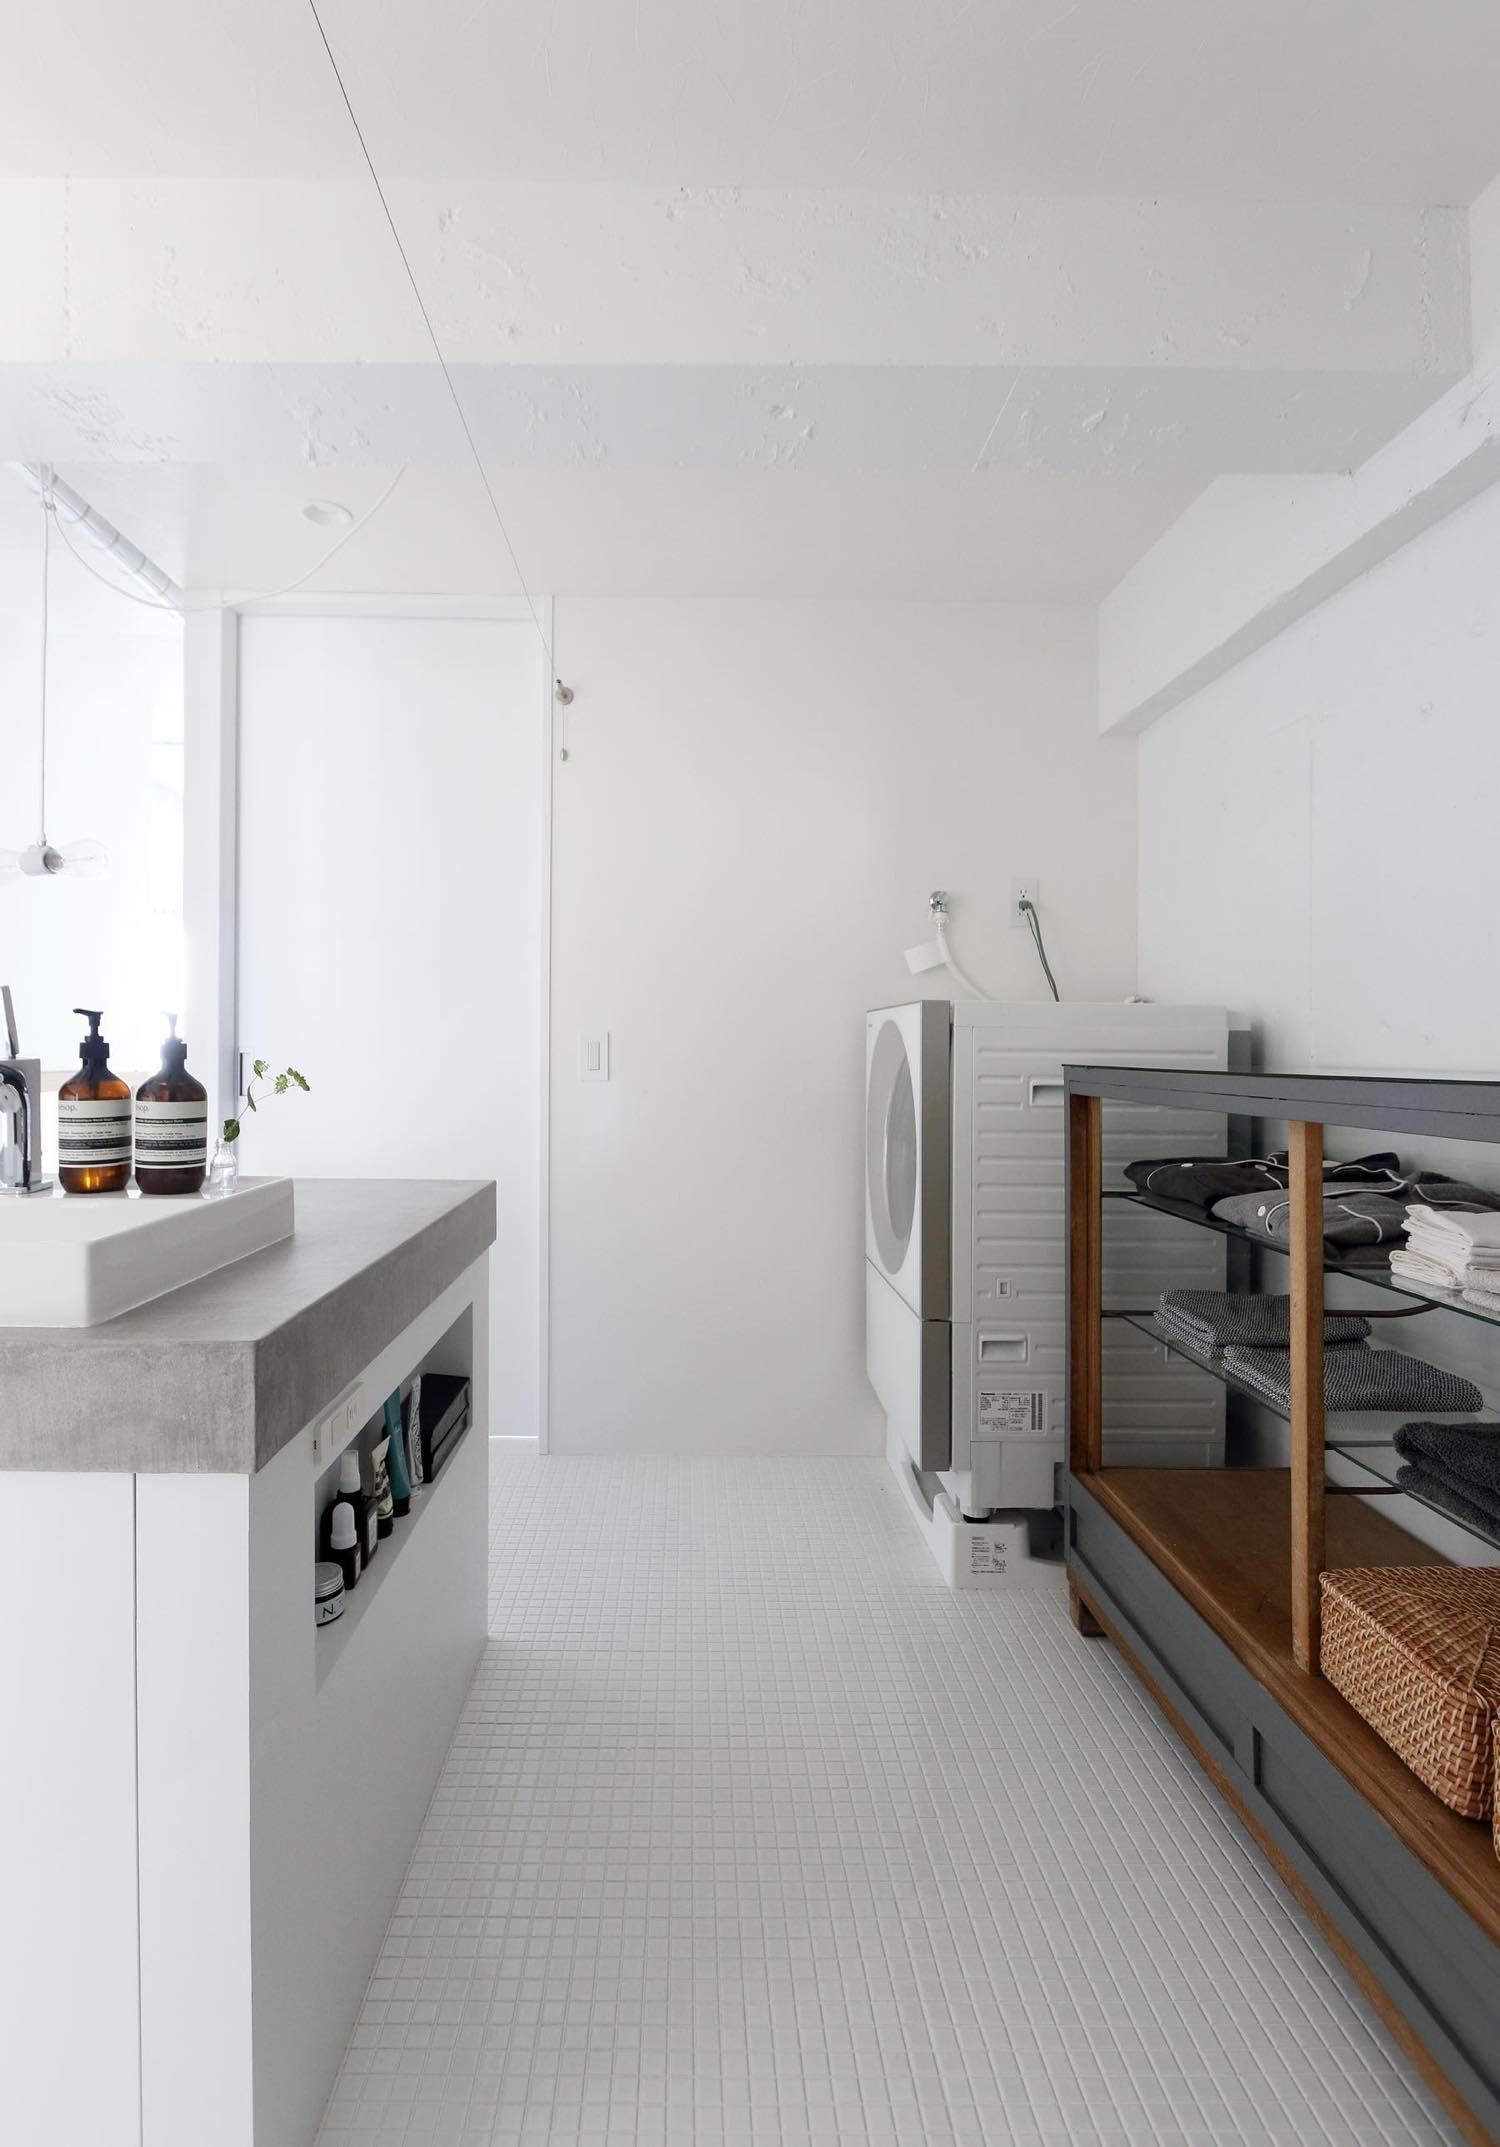 バス/トイレ事例:洗面スペース(柔らかく、温い家)